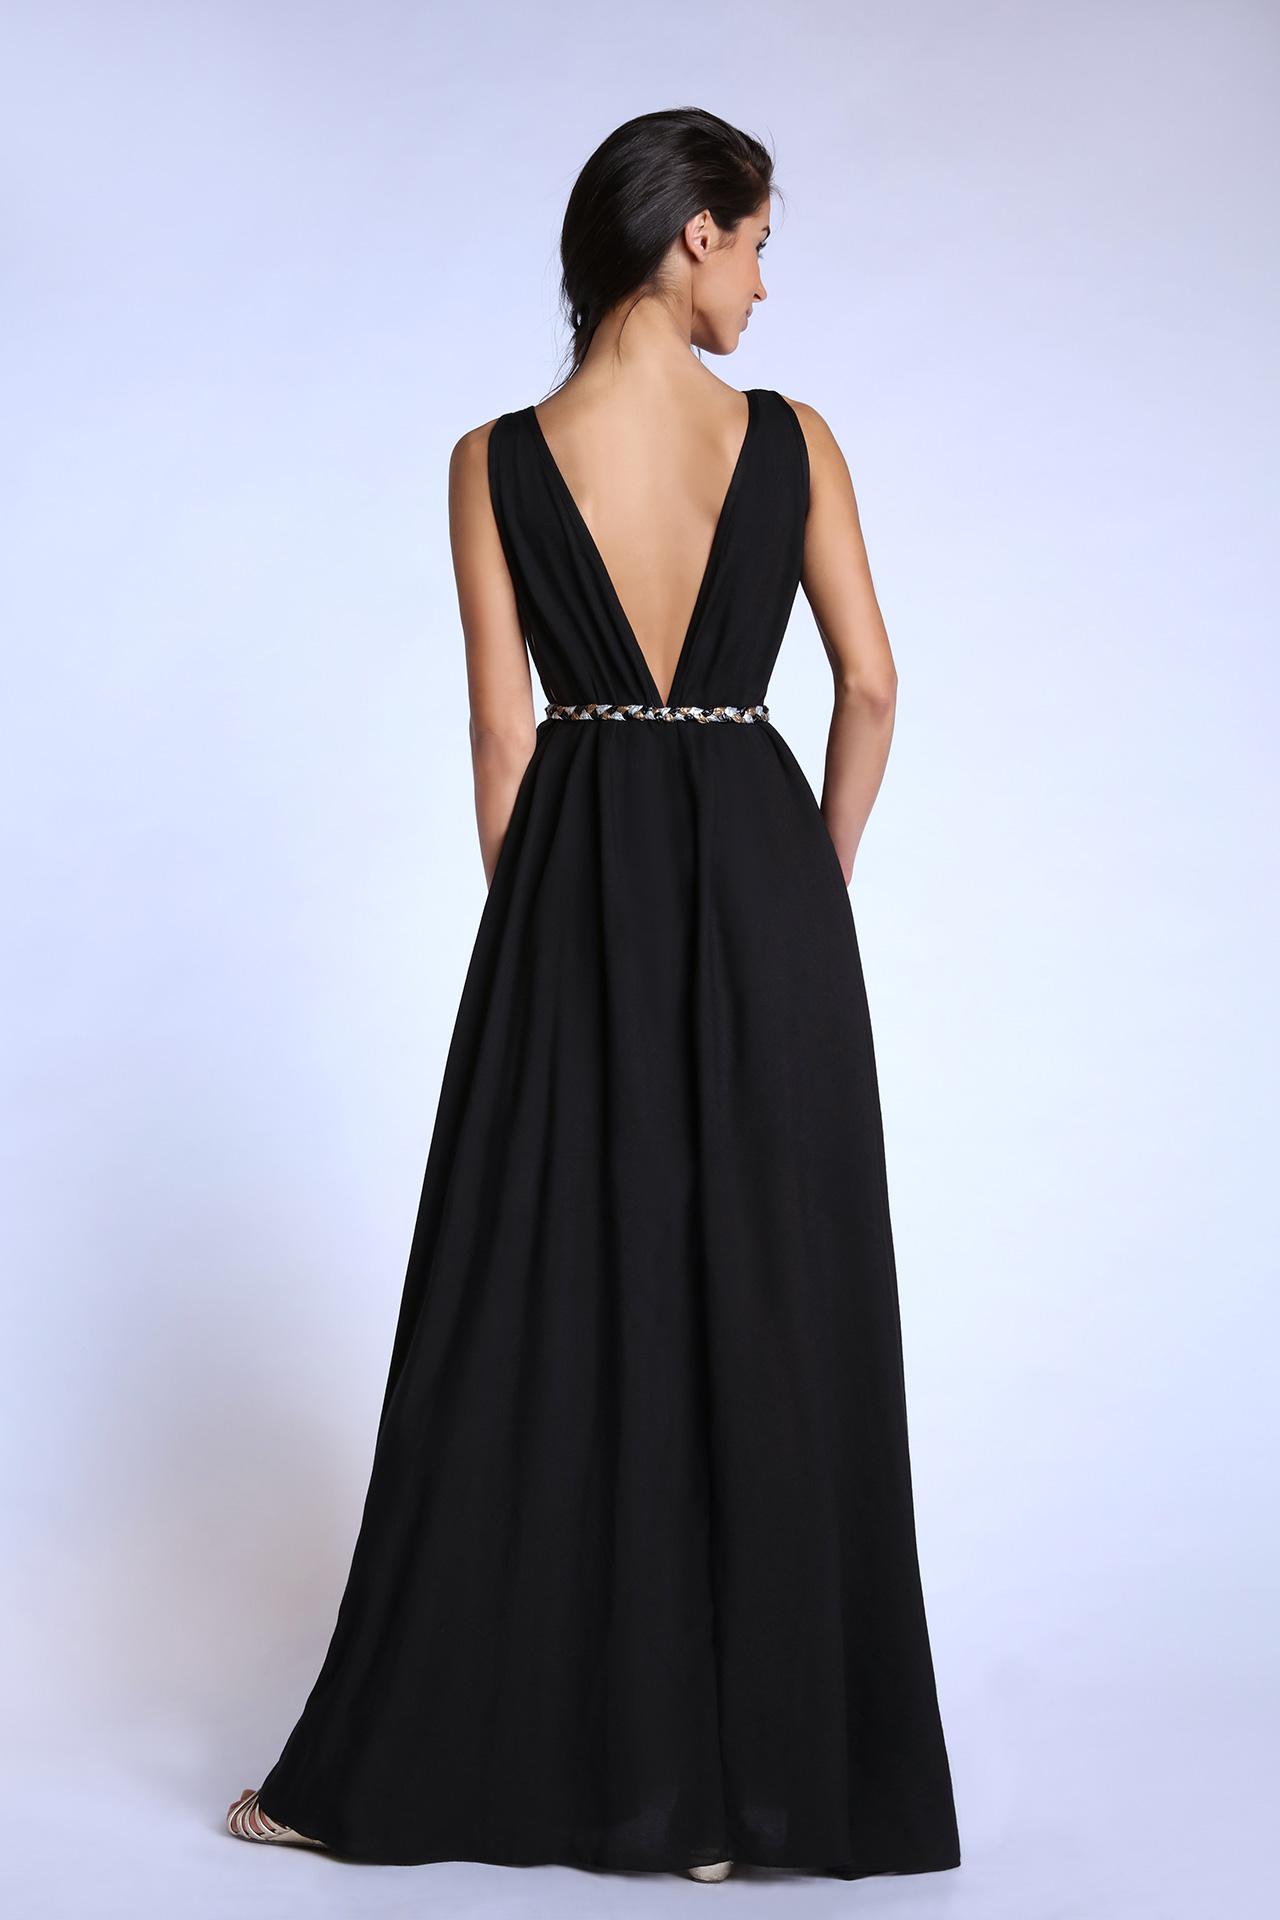 Robe de soiree noire longue et large (vue de dos)